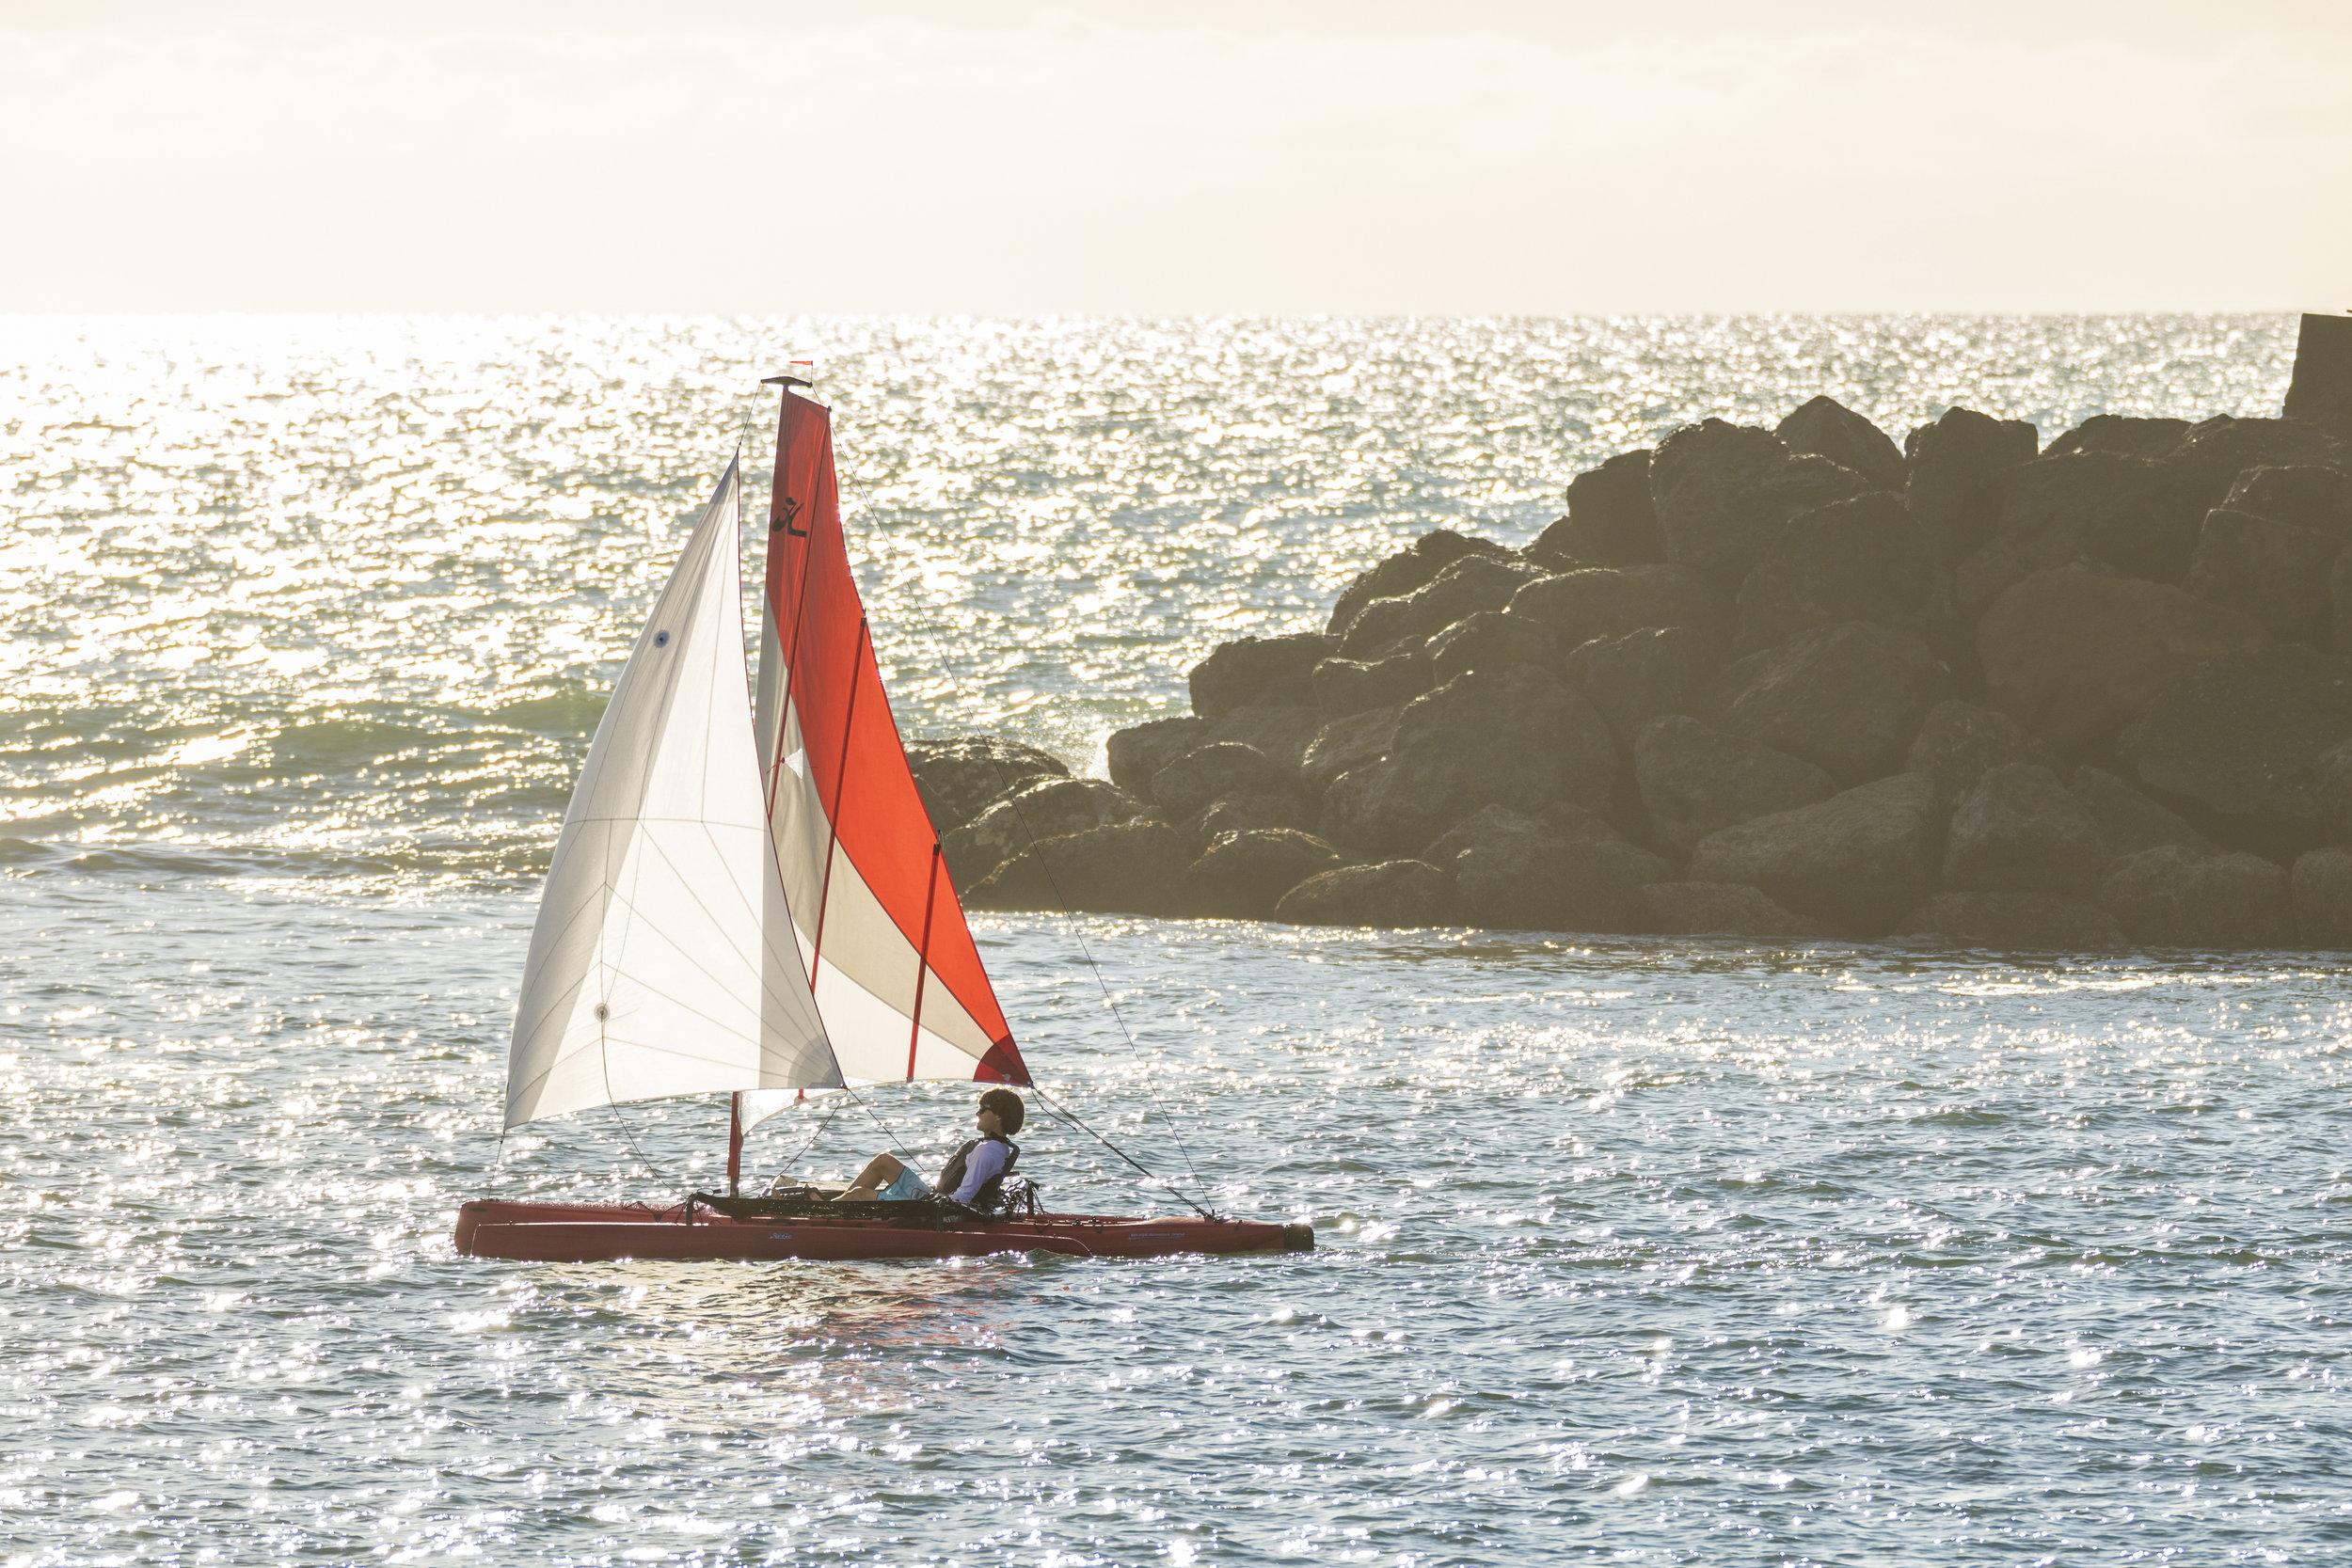 AdventureIsland-action-spinnaker-Ocean-Jetty-JT-Red-Swell-full.jpg